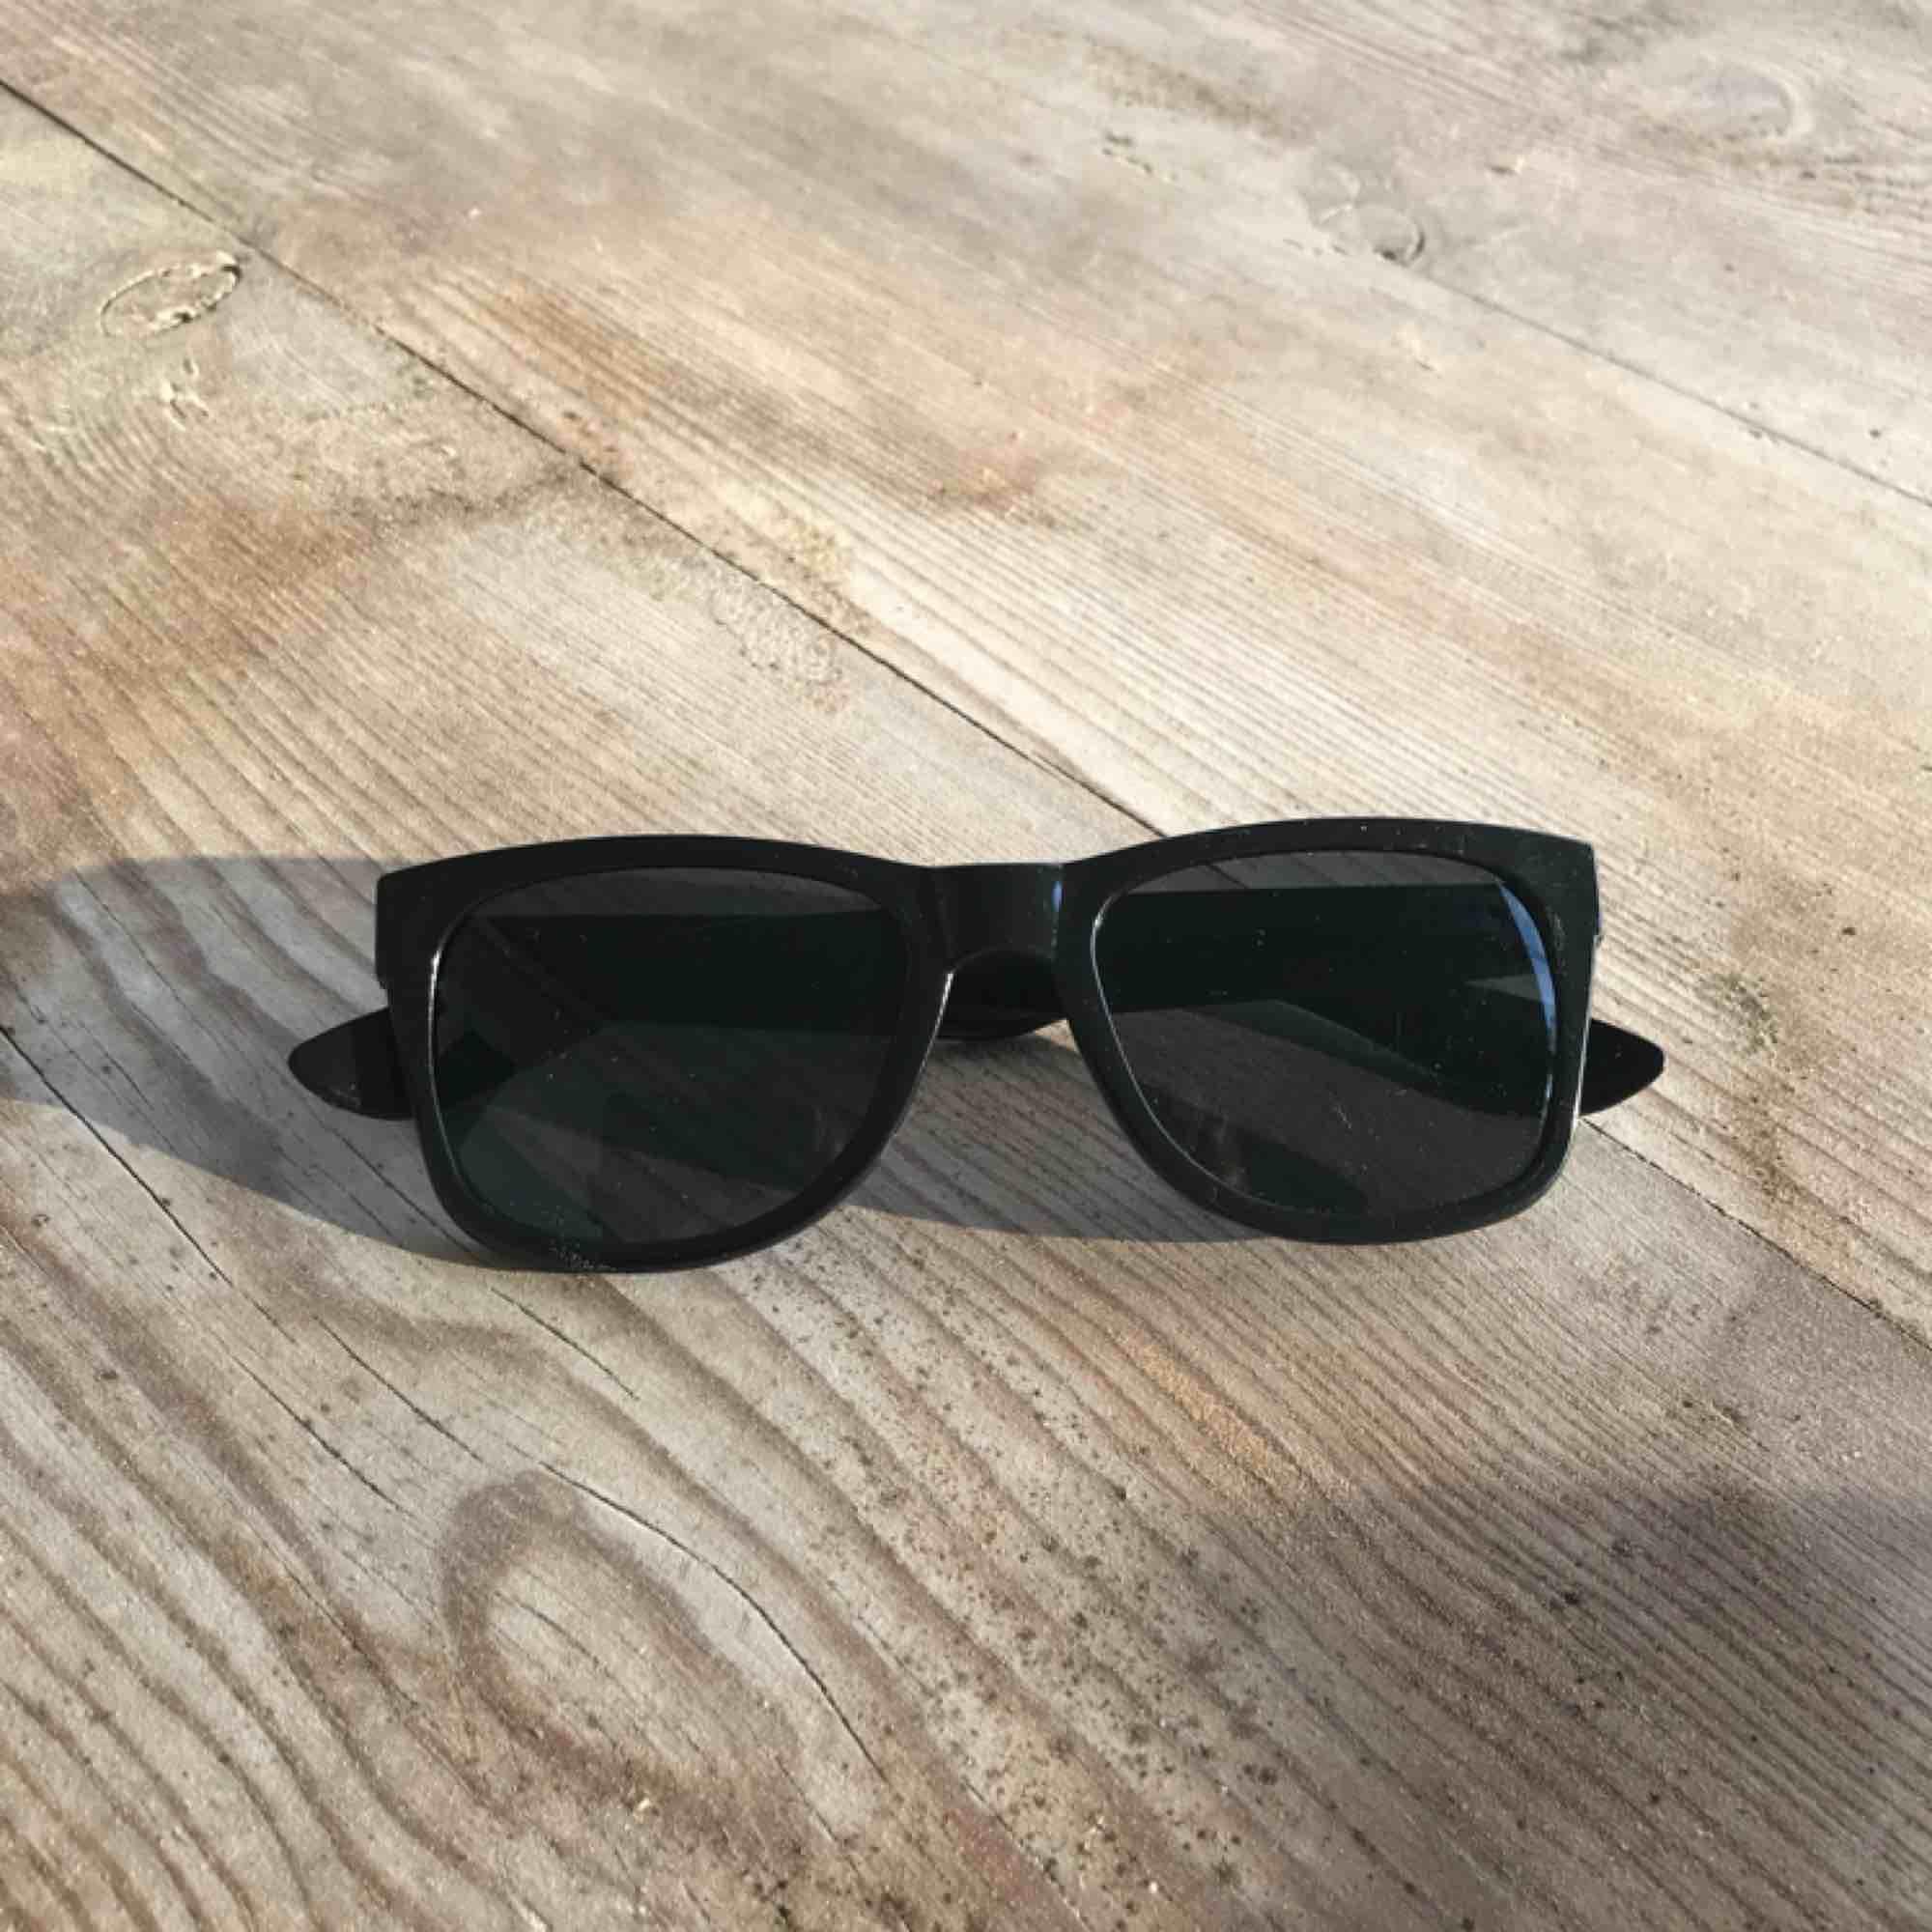 Två par solglasögon - aldrig använda 20kr/st Frakt tillkommer Möts upp i slussen vid köp för minst 100kr. Accessoarer.